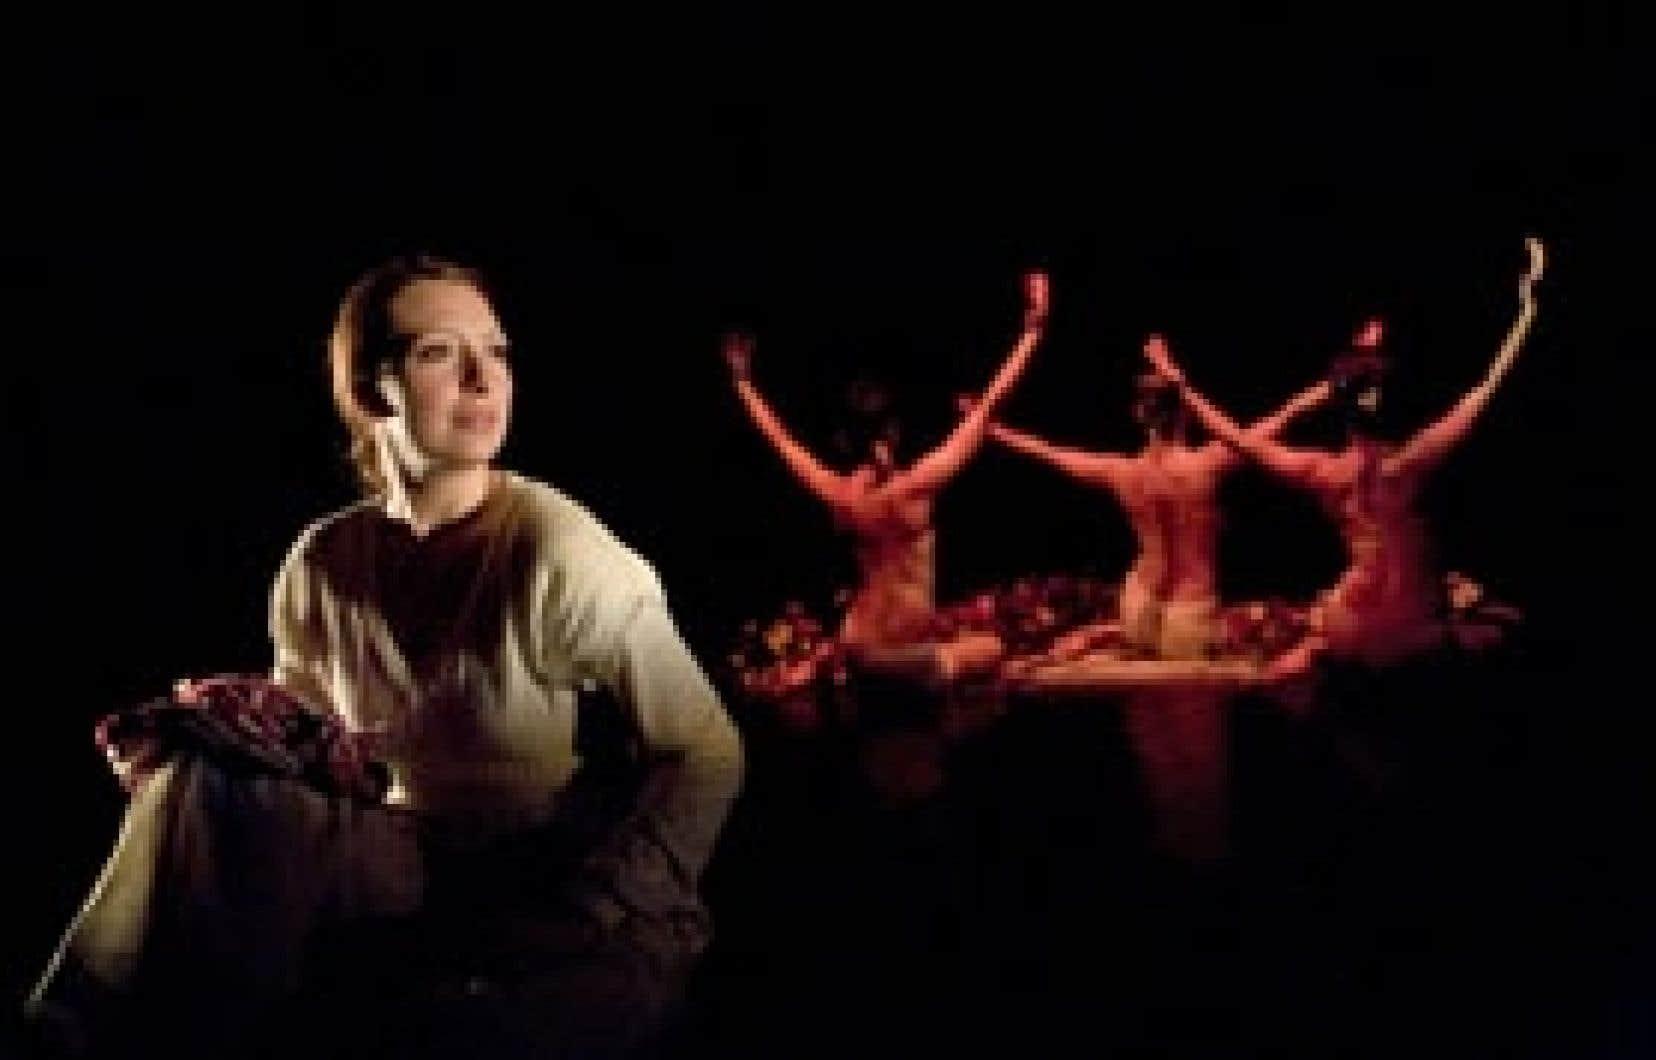 David Cannon Karine Ledoyen amorce avec sa plus récente production un tout nouveau cycle de création.